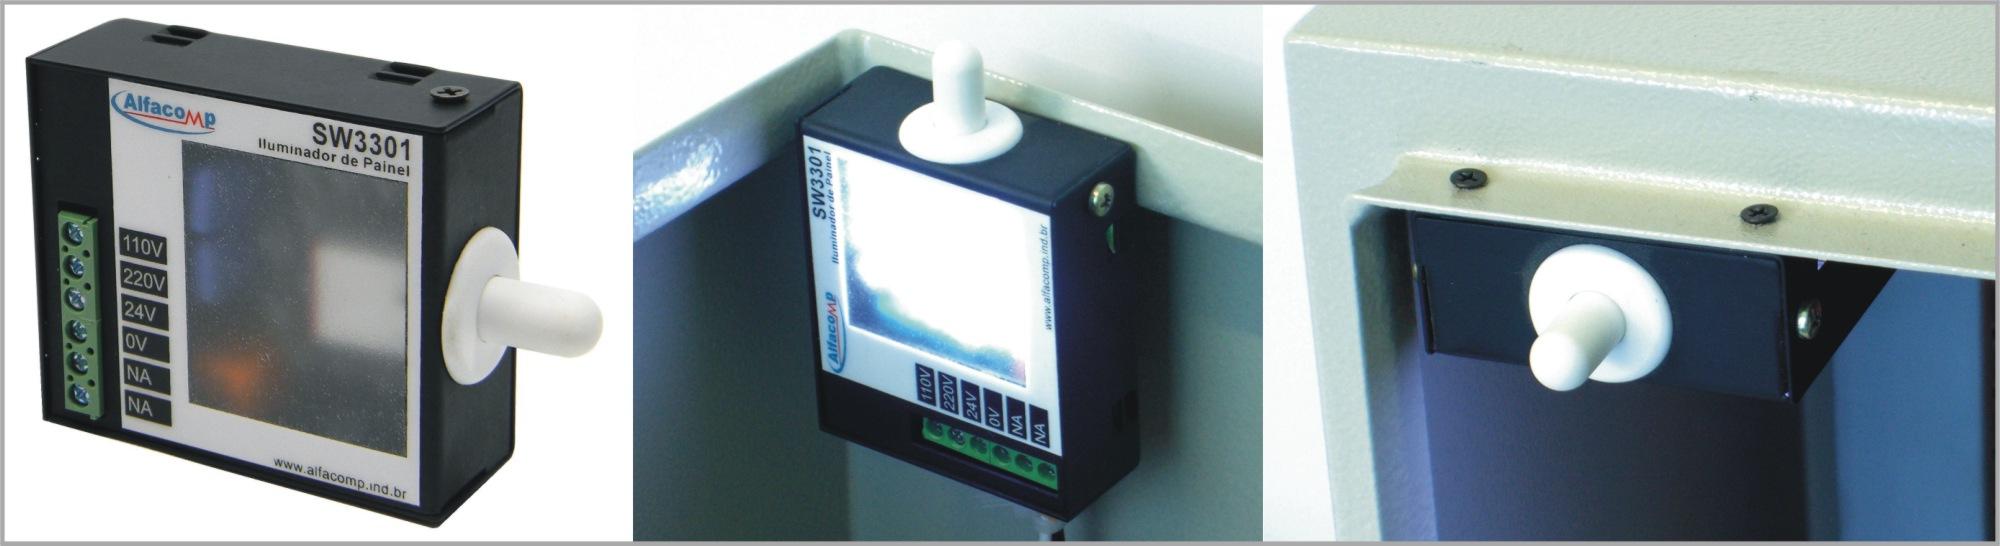 Iluminador a LED para quadro de comando